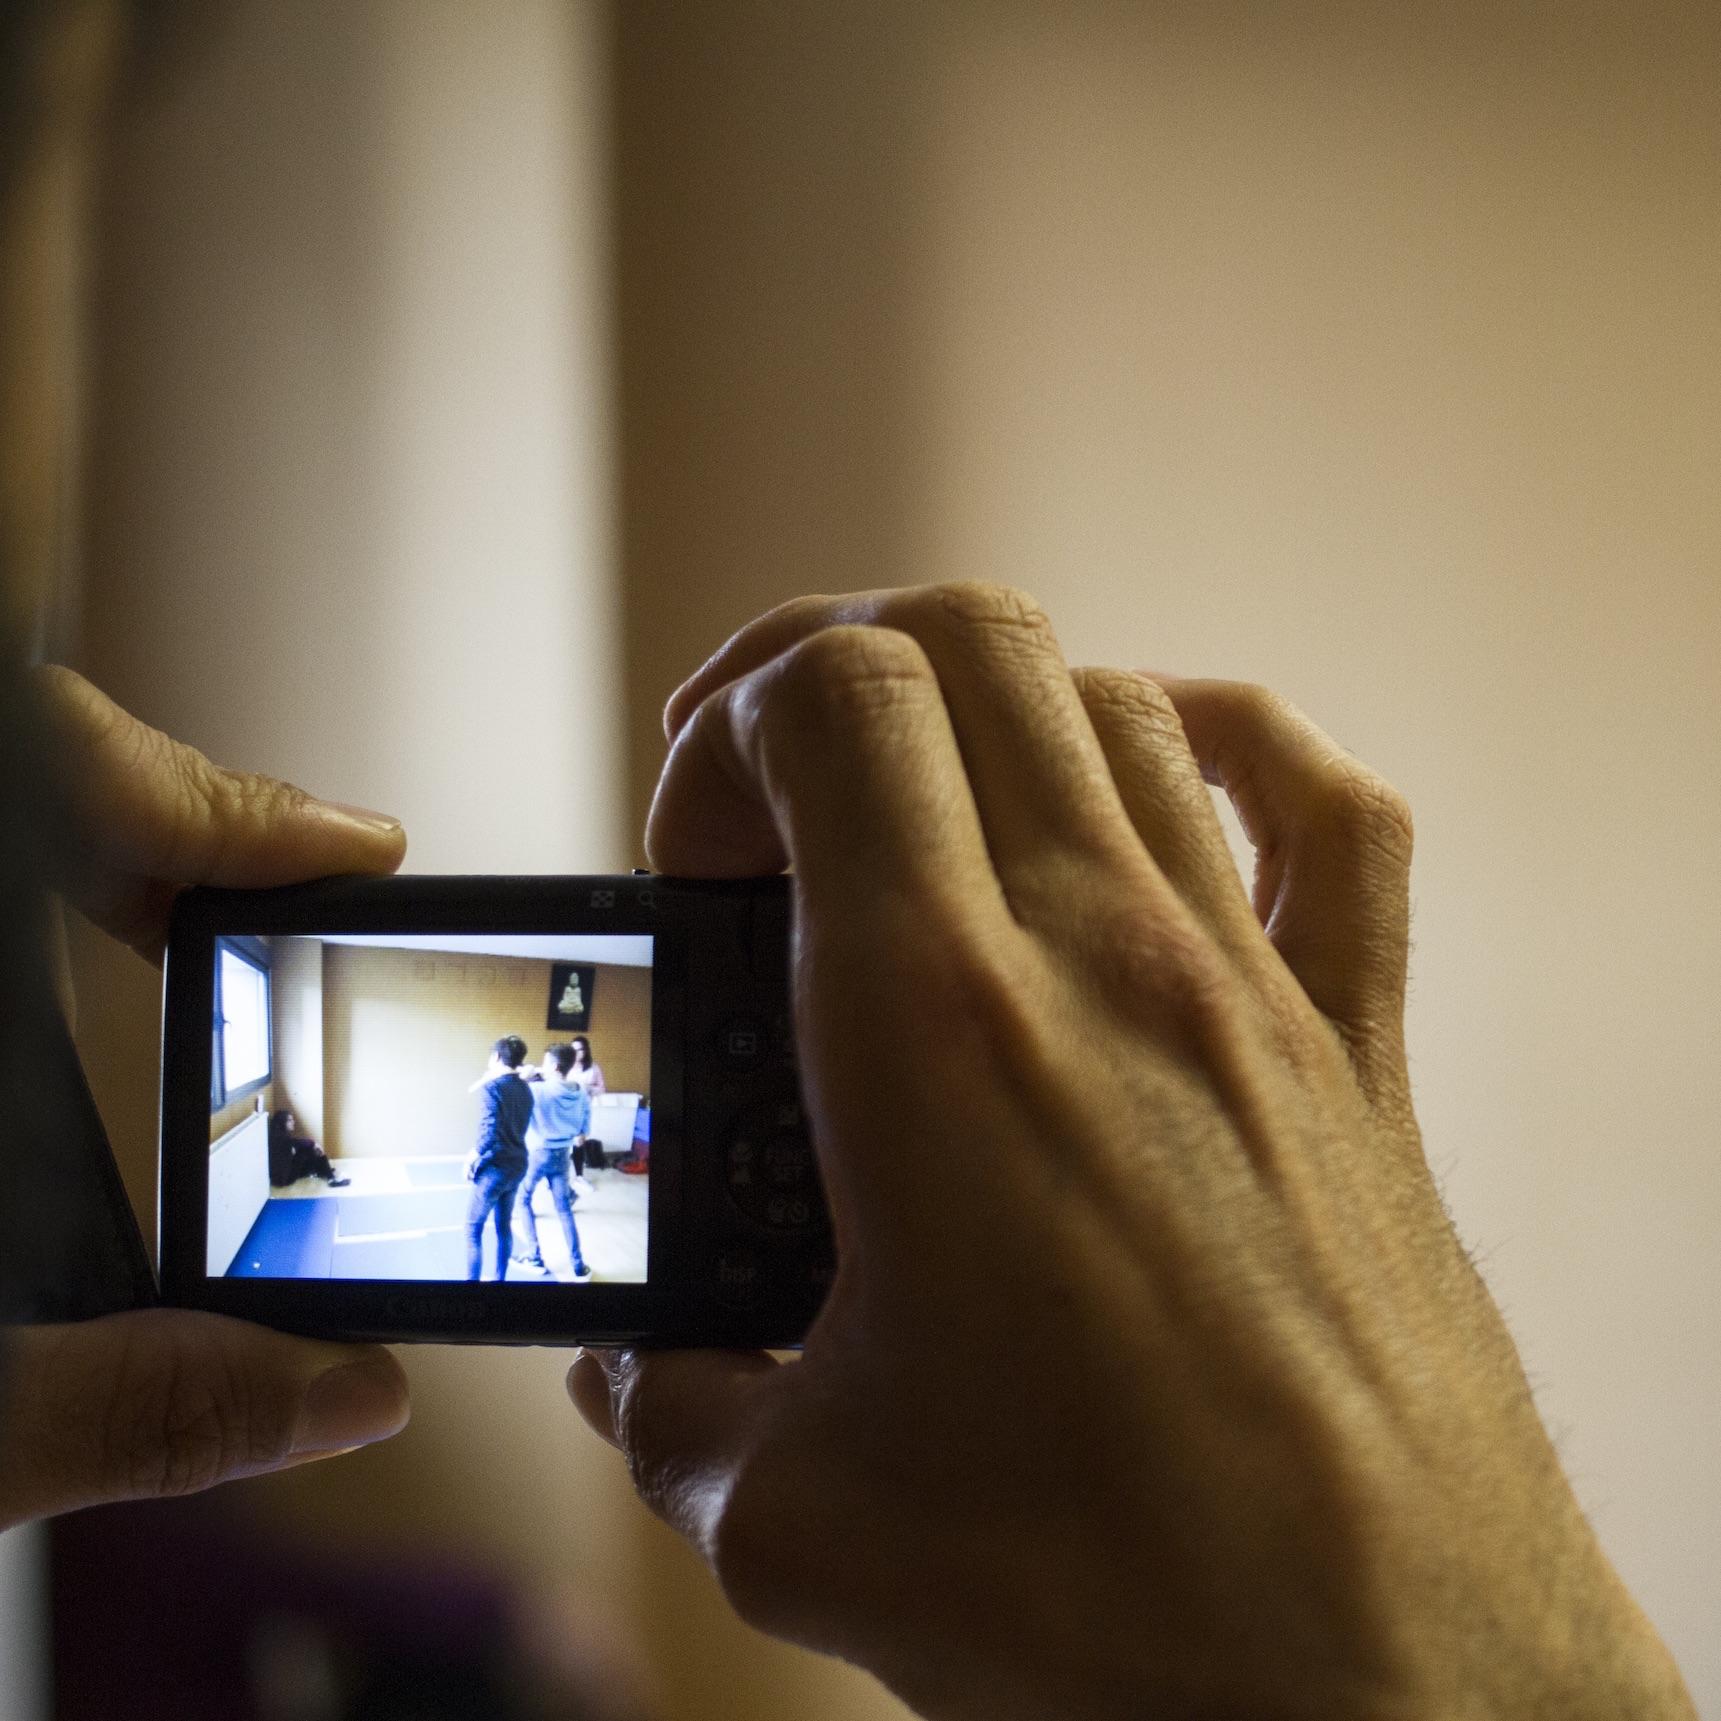 Consejos en acción: las propuestas de los niños y niñas para mejorar el entorno digital